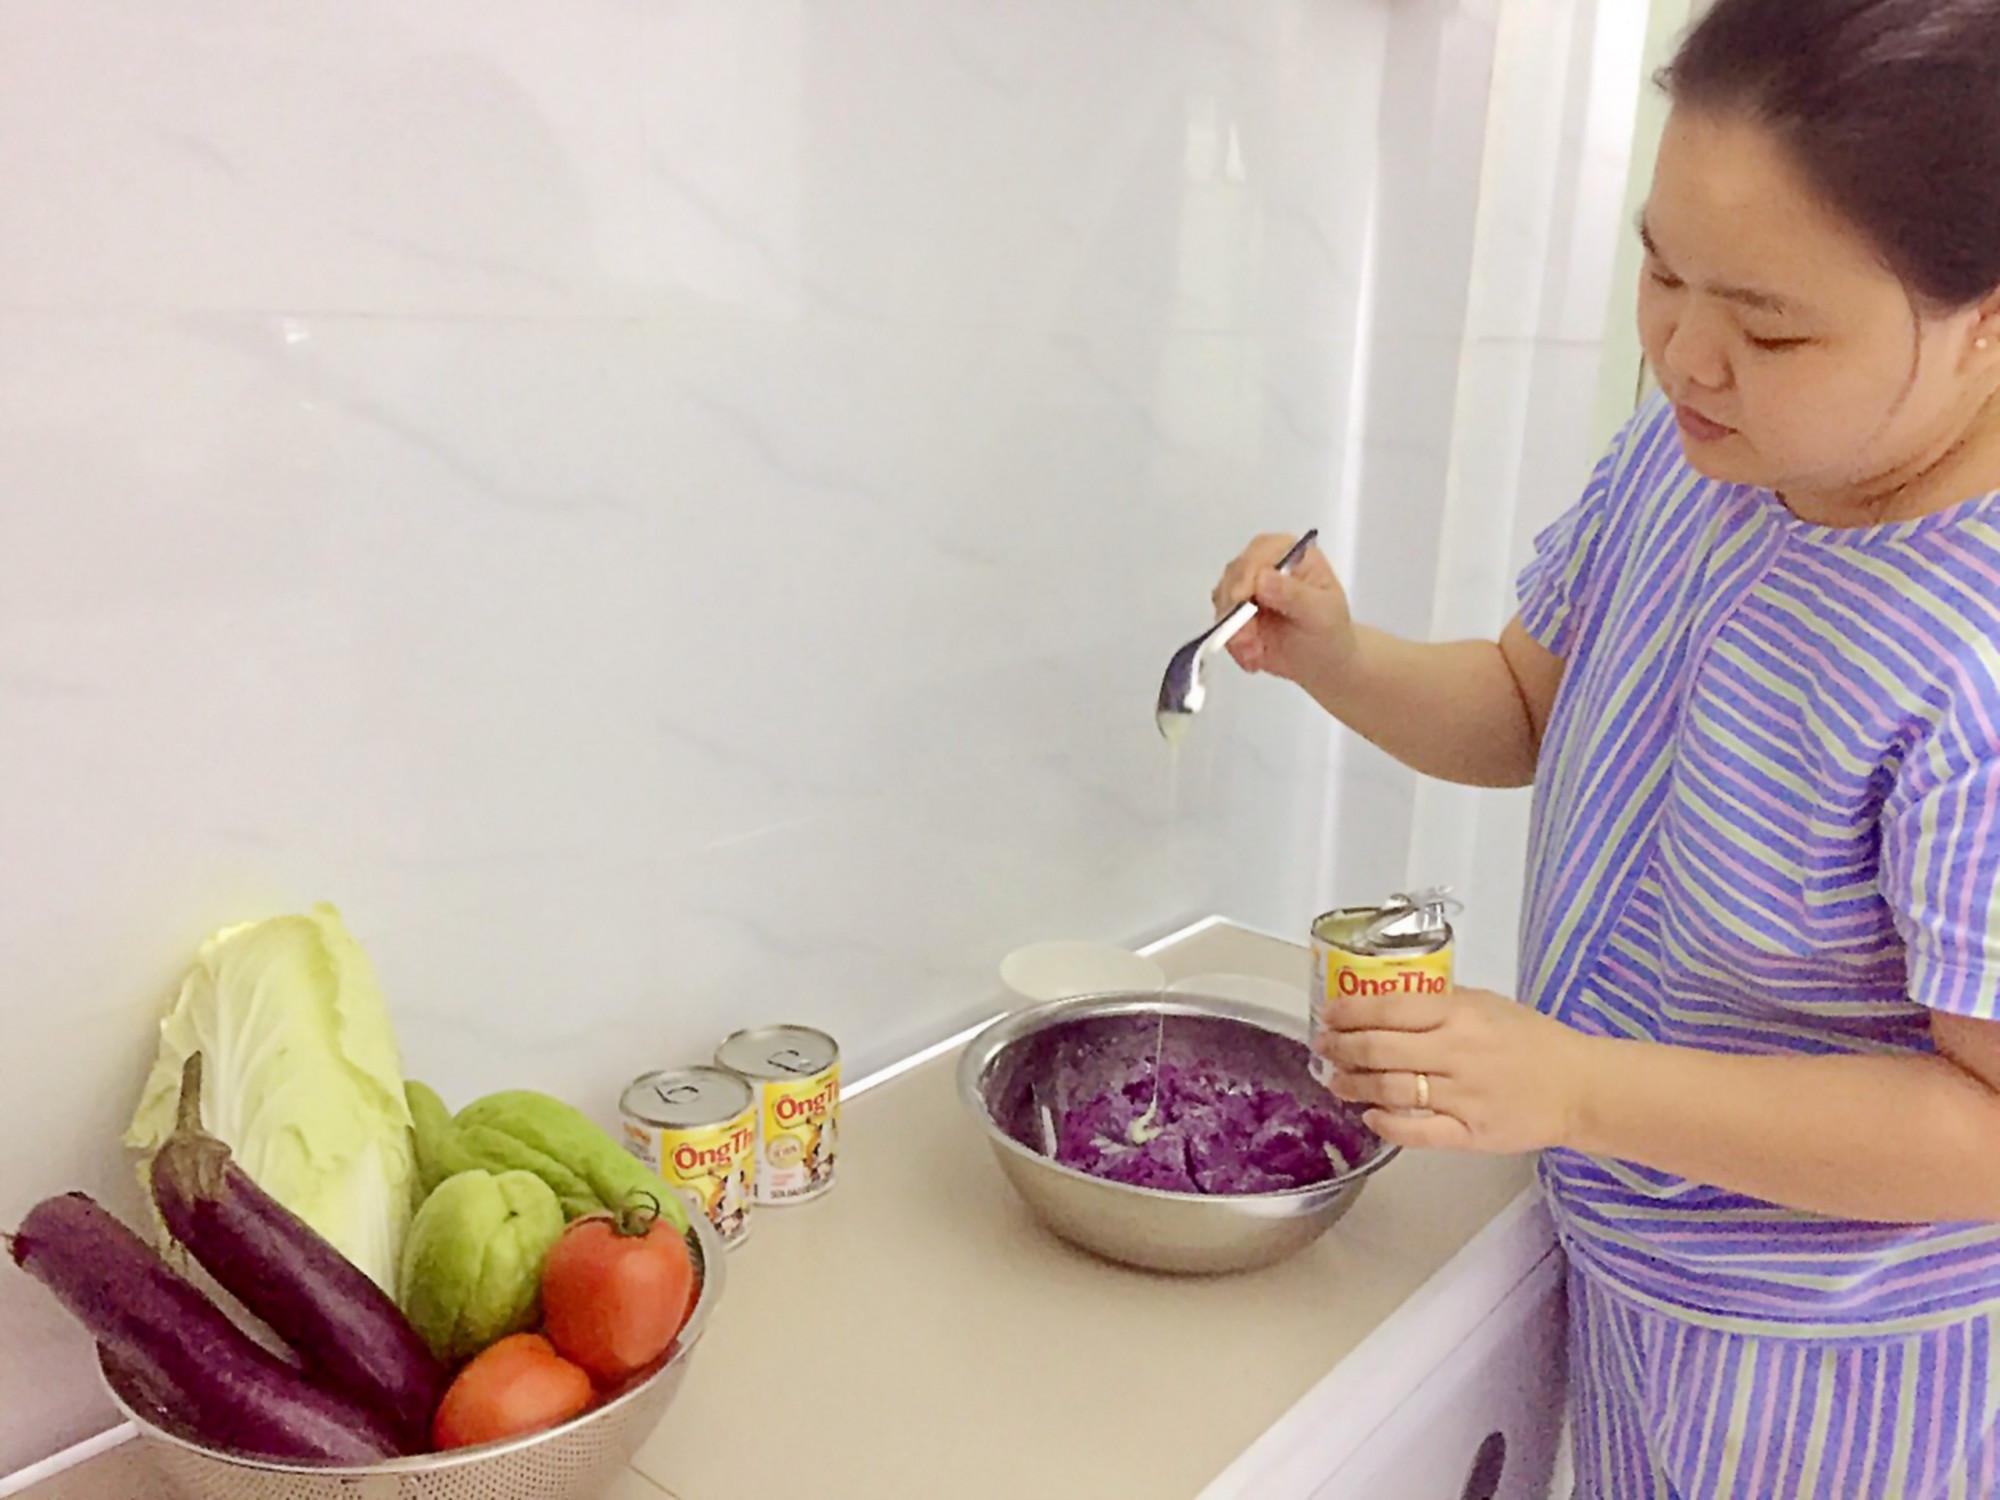 Chị Bảo Ngọc (TPHCM) trổ tài làm món bánh khoai lang tím cho gia đình với sữa đặc Ông Thọ - Ảnh: Vinamilk